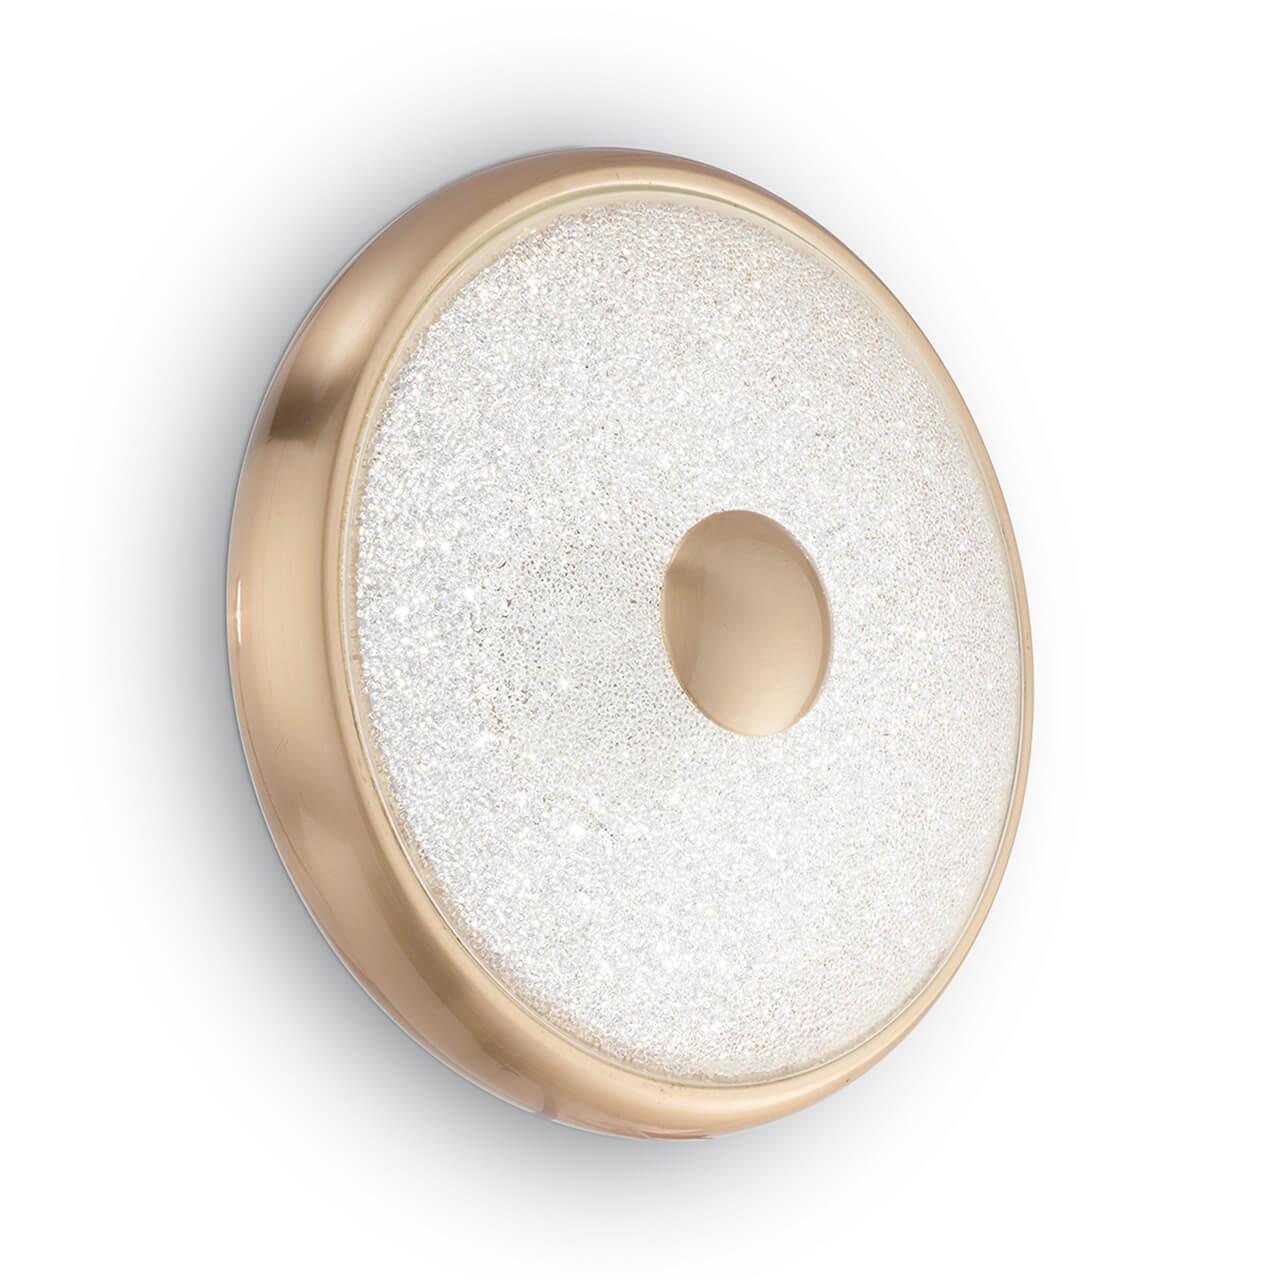 Настенный светодиодный светильник Ideal Lux Rubens AP10 Ottone Satinato